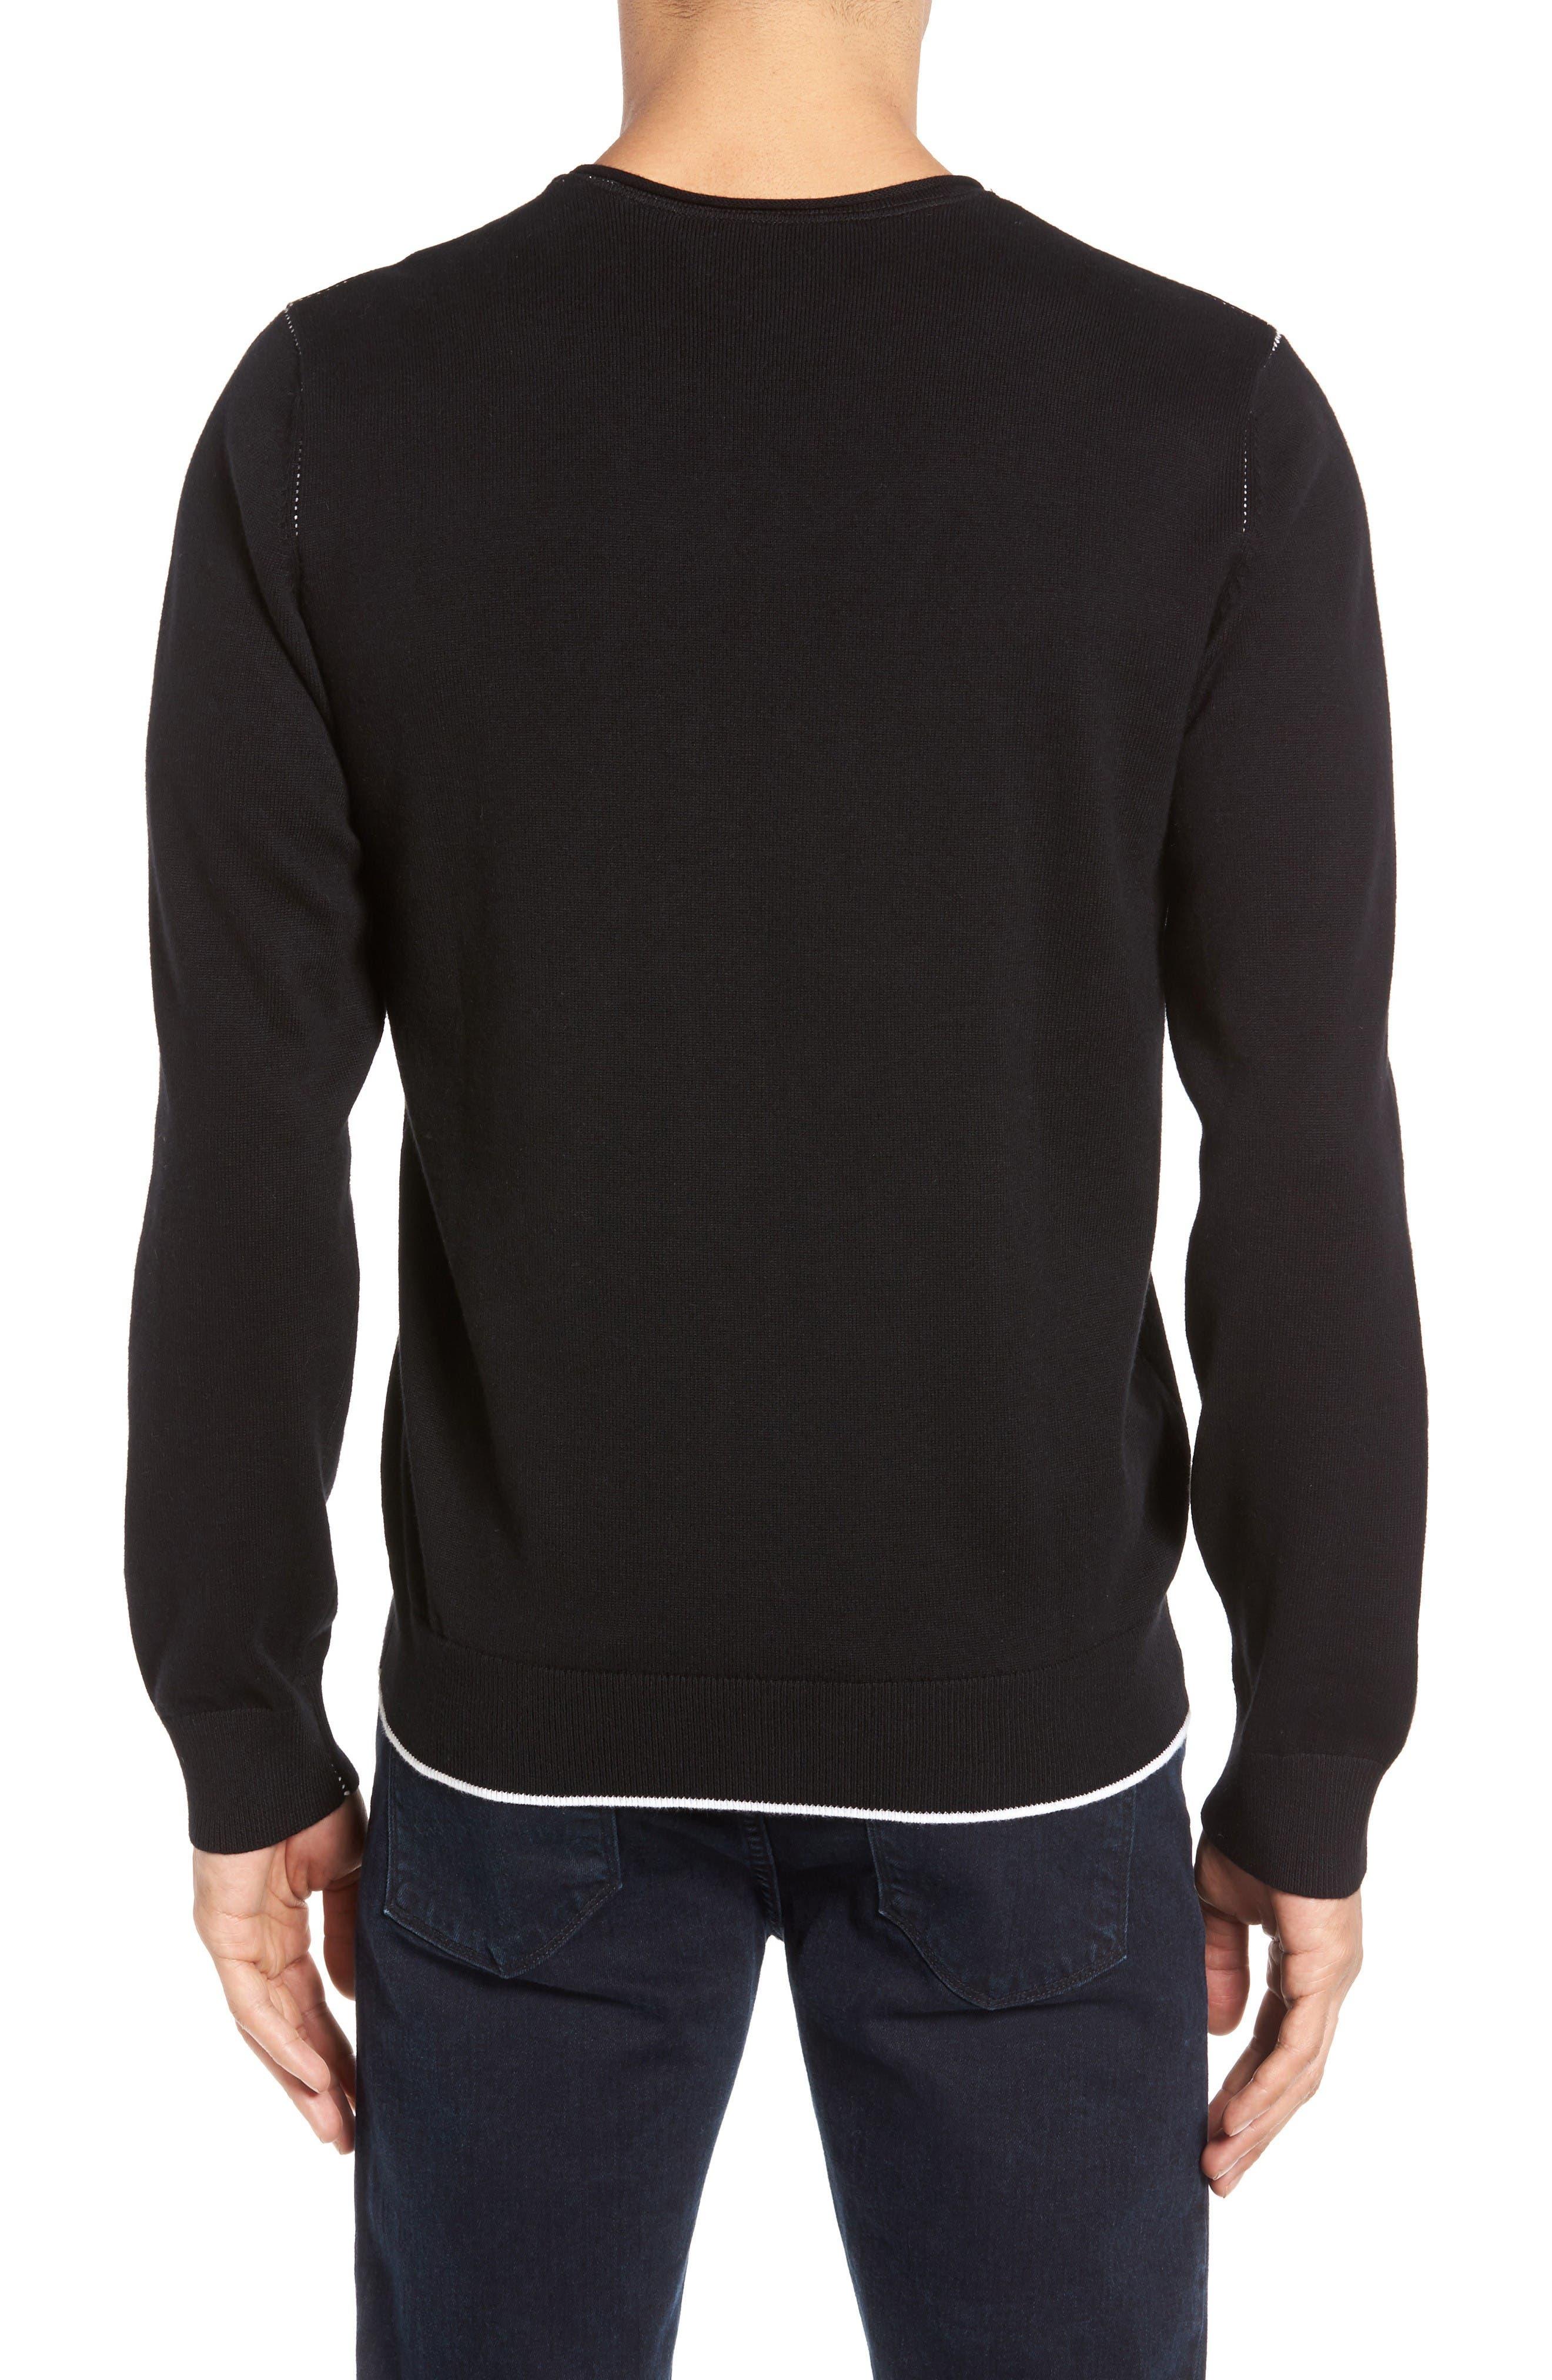 Cedric Cotton & Cashmere Sweater,                             Alternate thumbnail 2, color,                             La Nouvelle Vague True Black